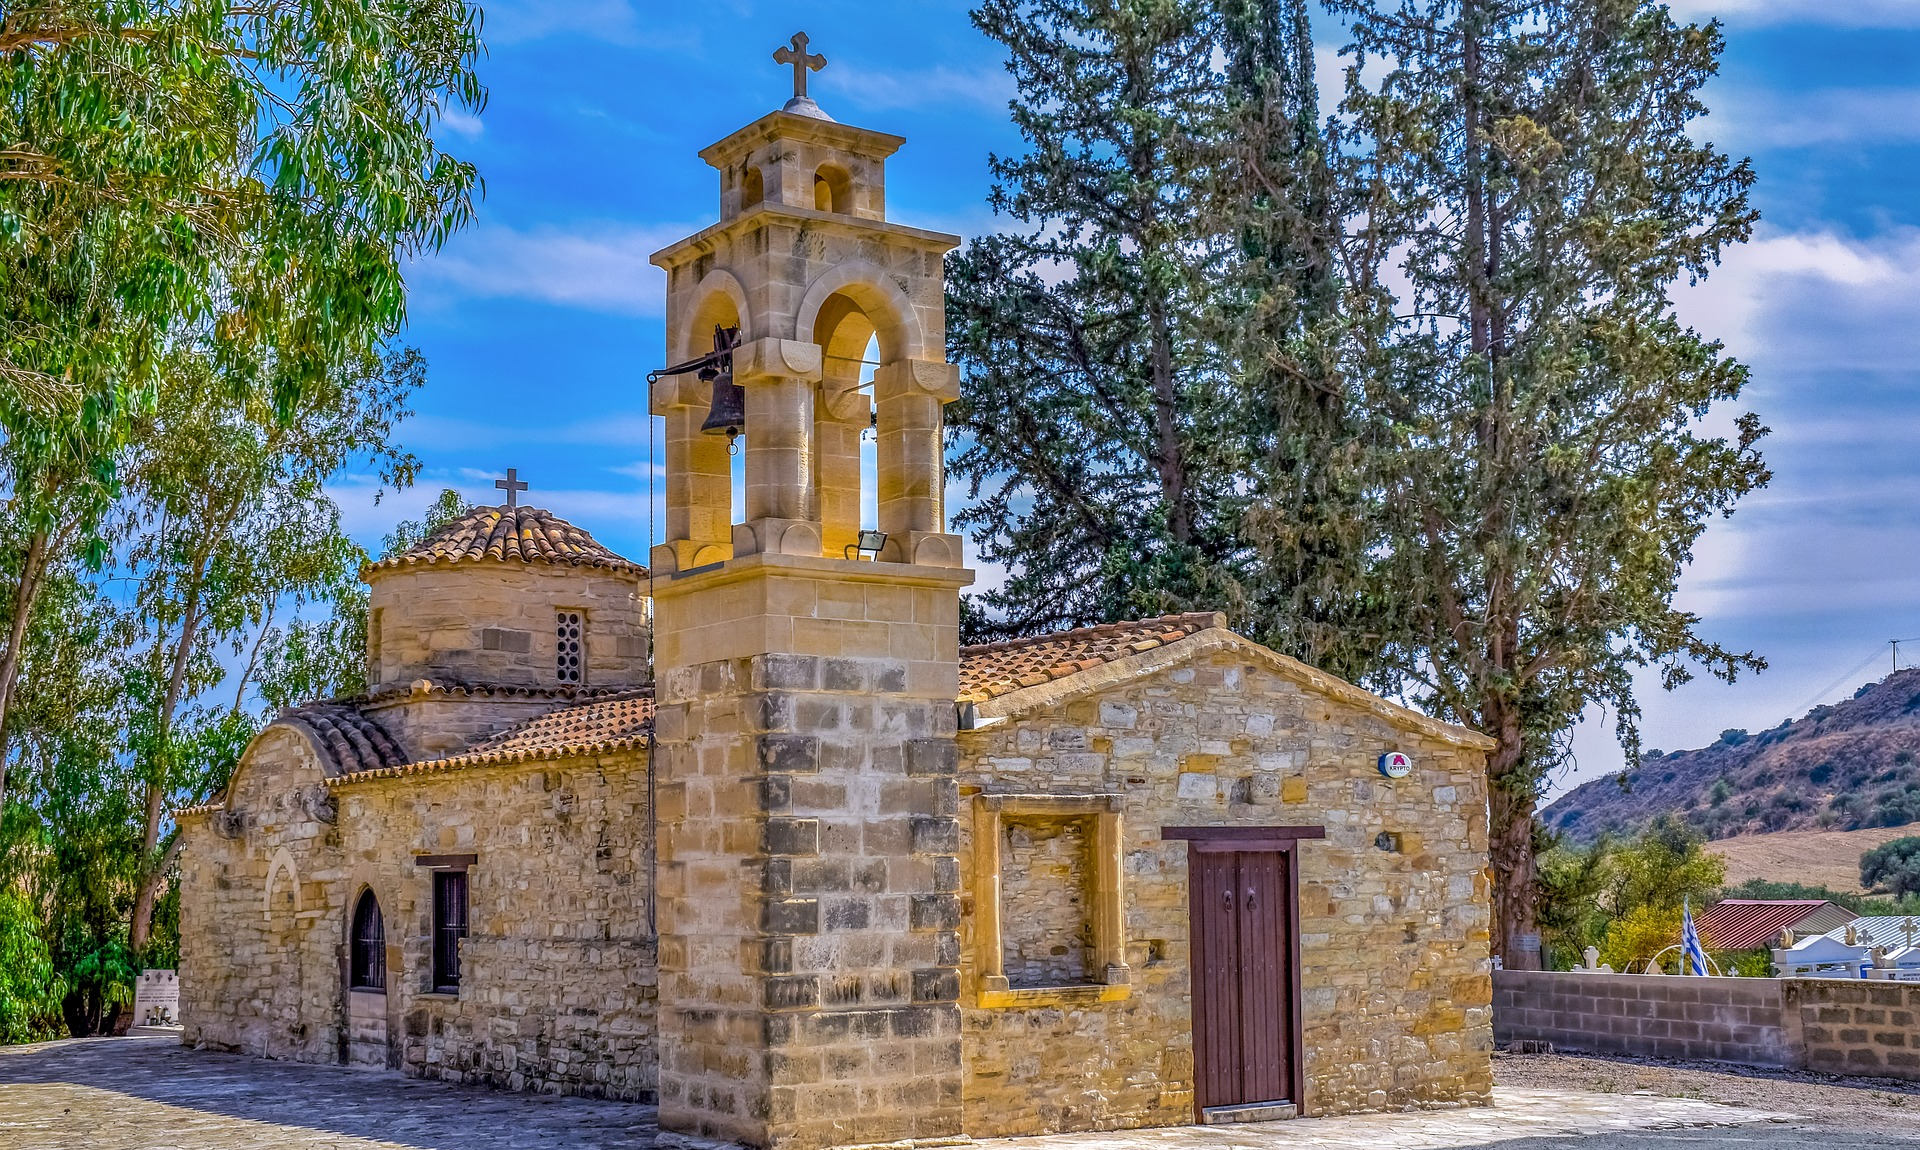 Αποτέλεσμα εικόνας για Κλείνουν οι εκκλησίες και για ατομική προσευχή